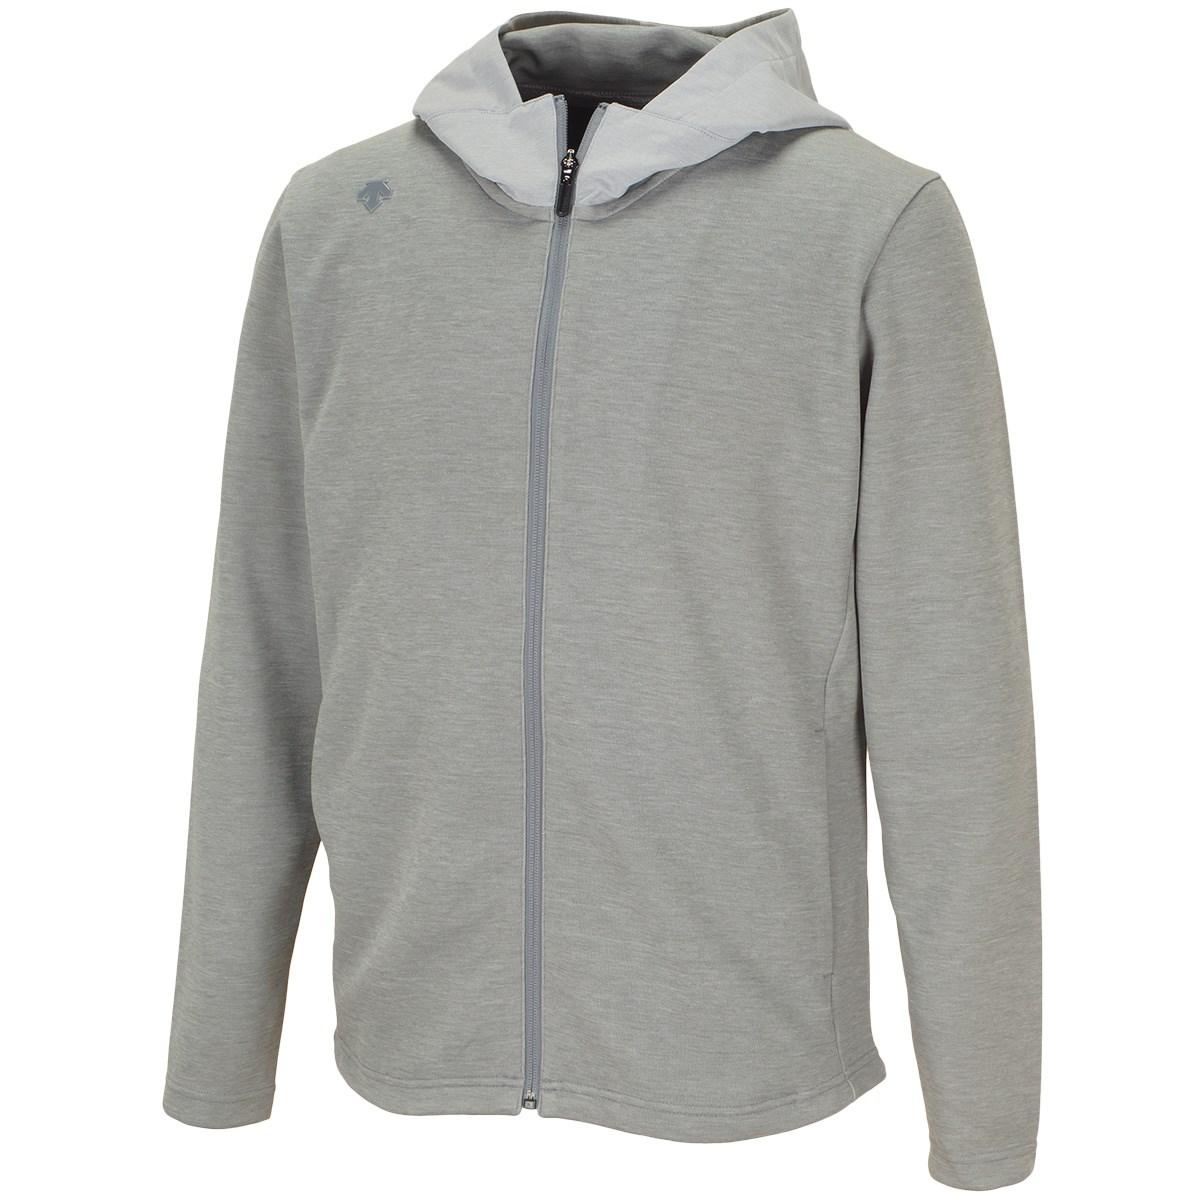 デサントゴルフ(DESCENTE GOLF) アクセンシャルゼブラECO×ストレッチ中綿ジャージージャケット